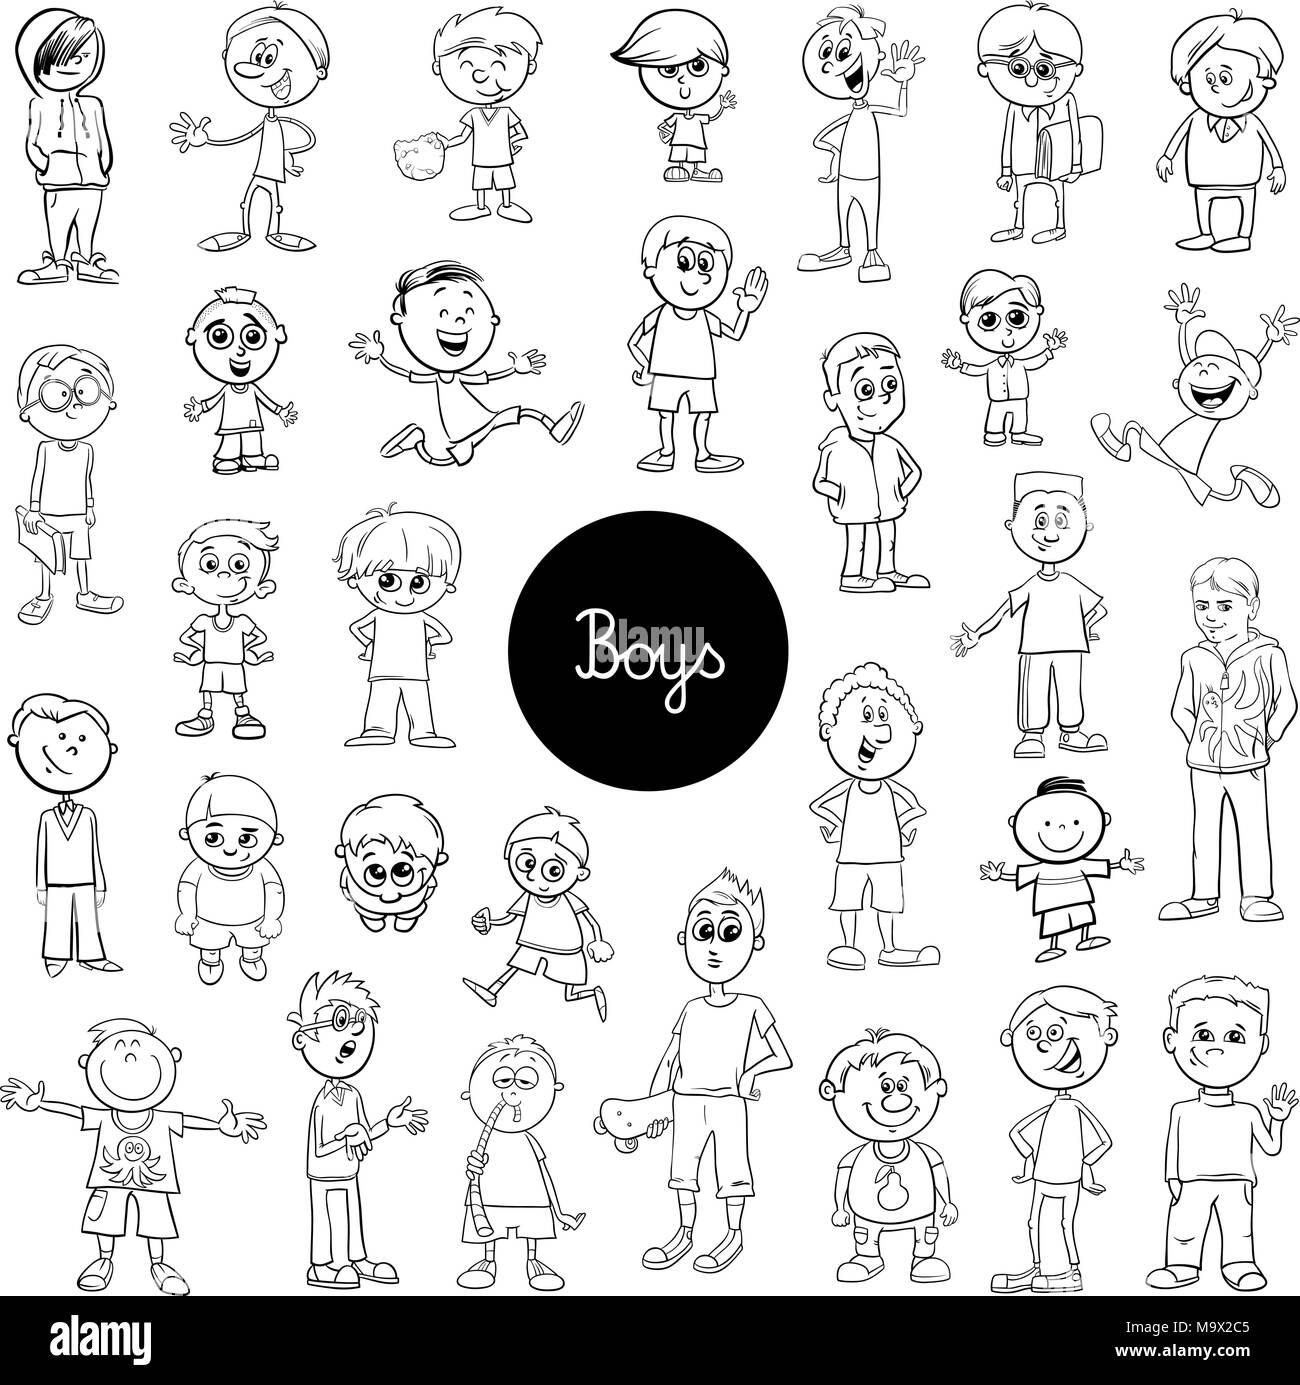 Schwarze und Weiße Cartoon Illustration der elementare Alter jungen ...